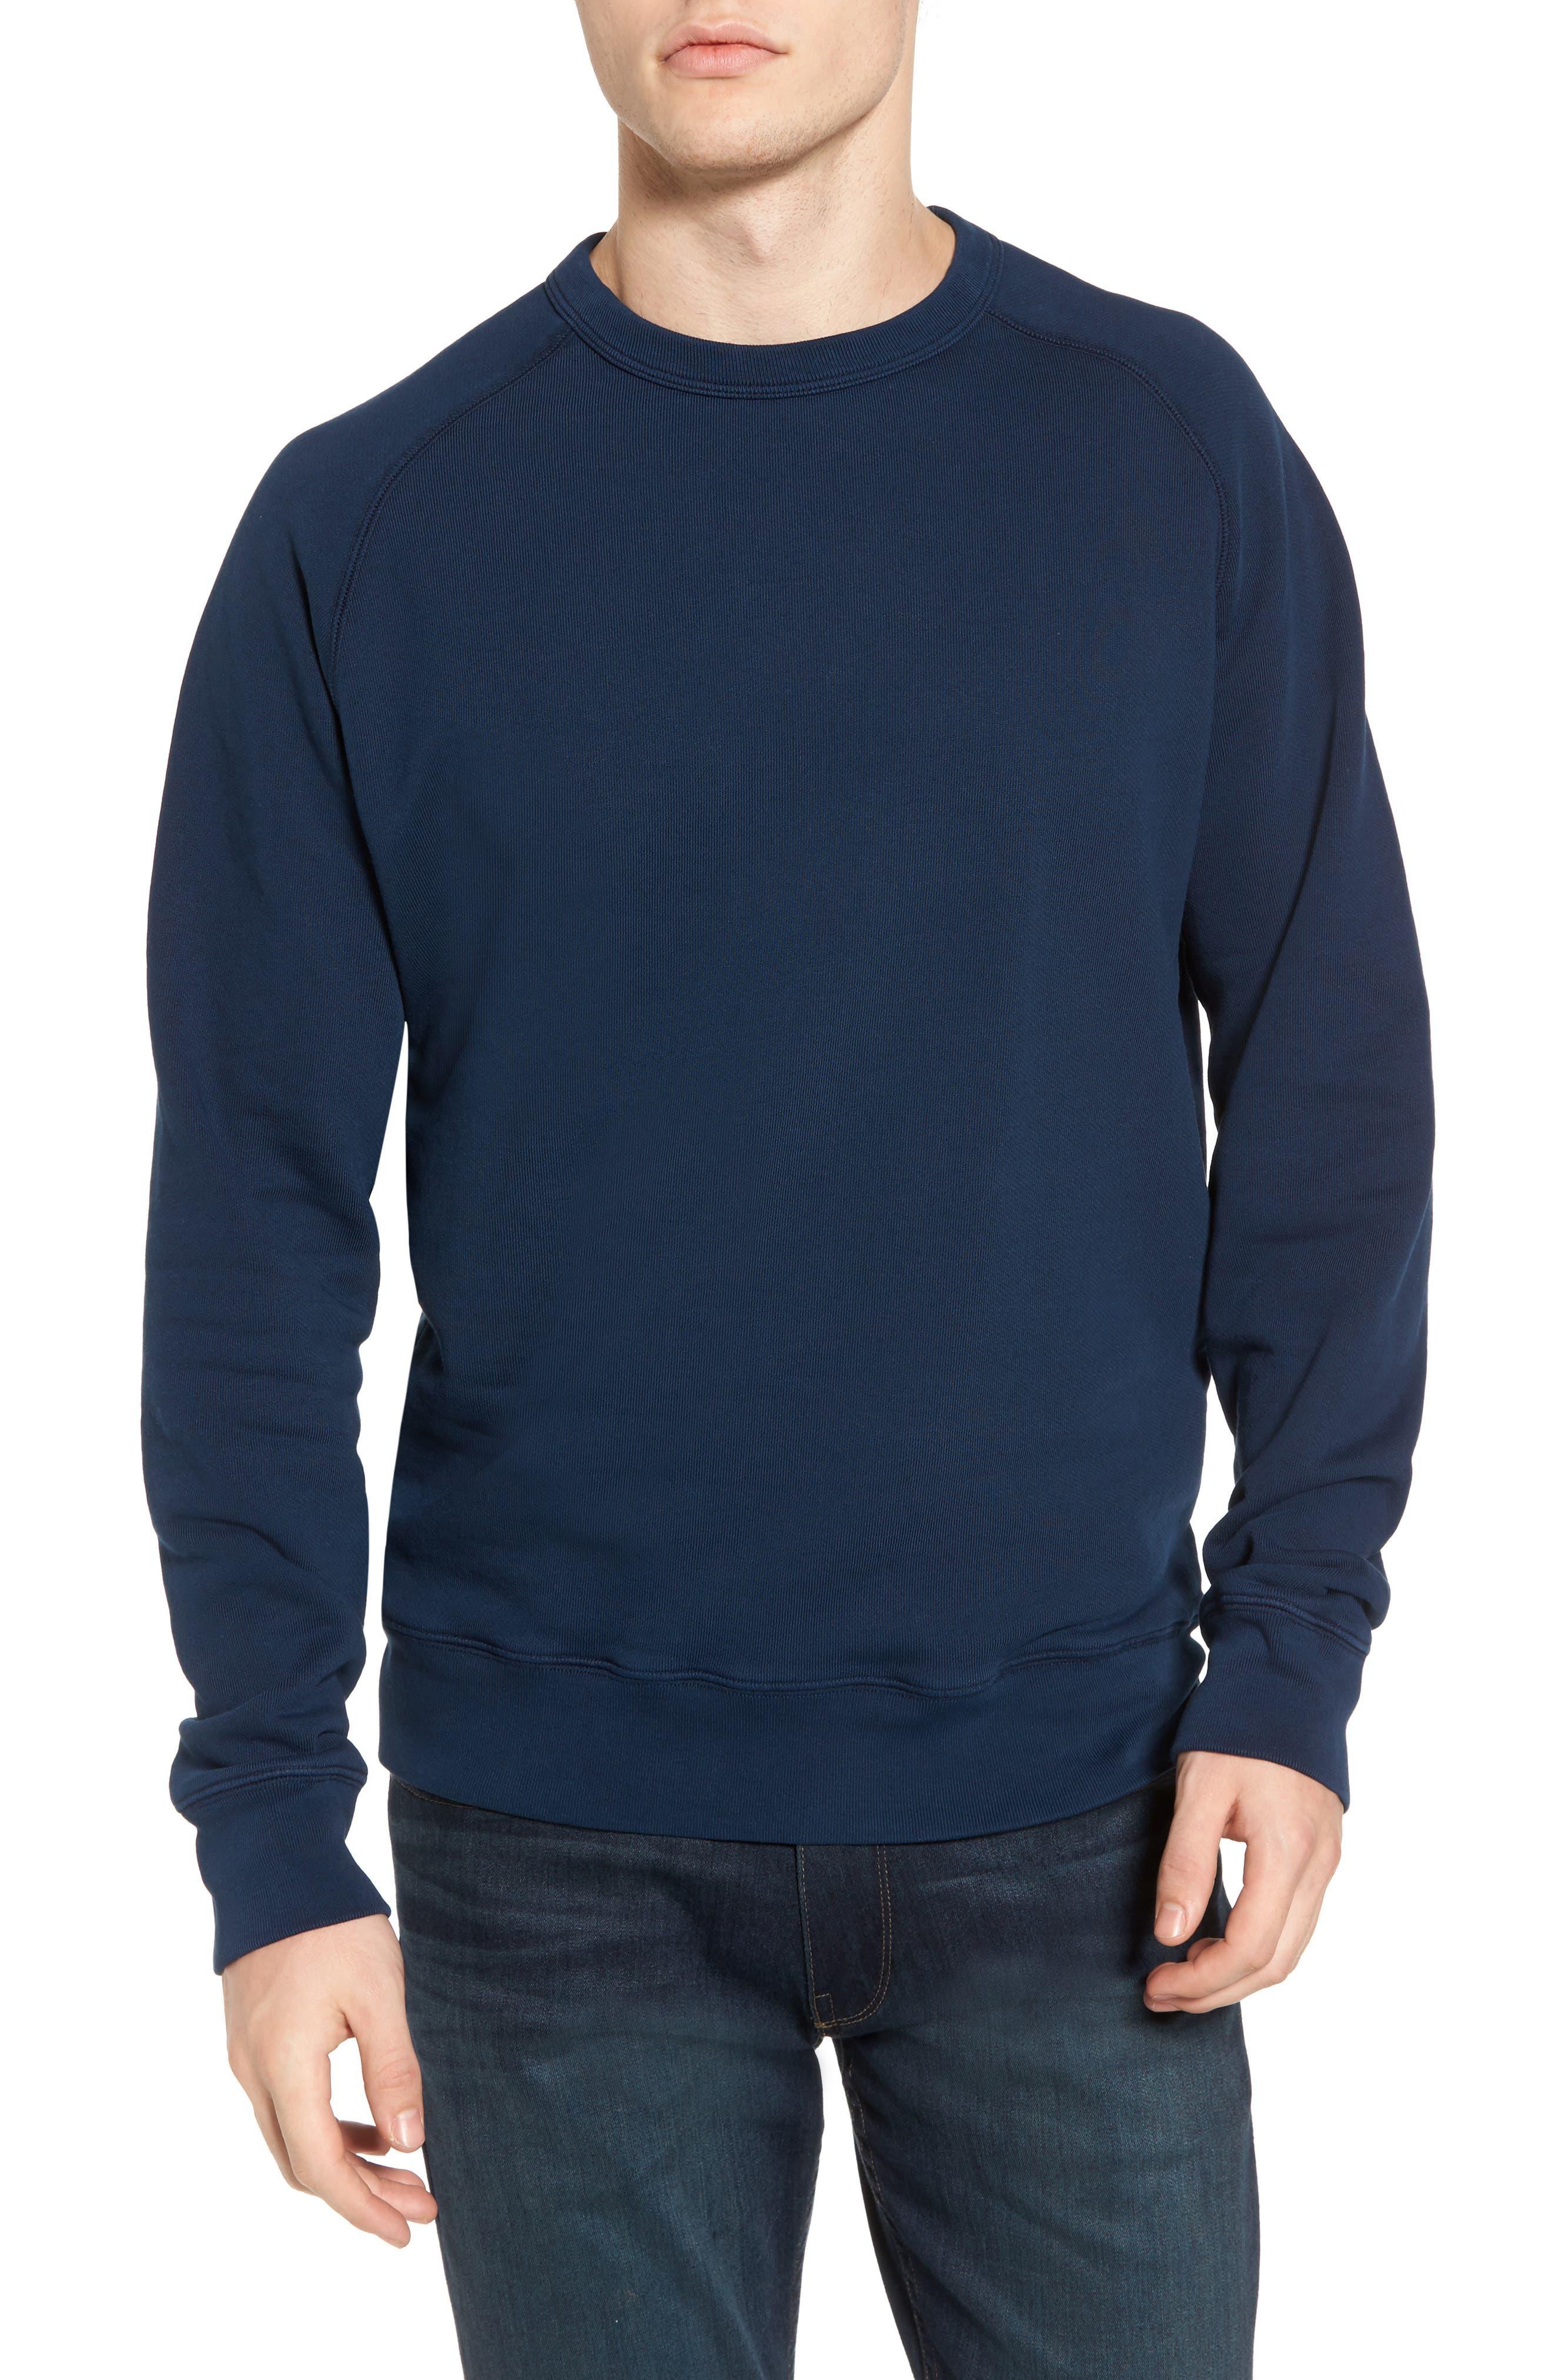 South Sea Raglan Sweatshirt,                             Main thumbnail 2, color,